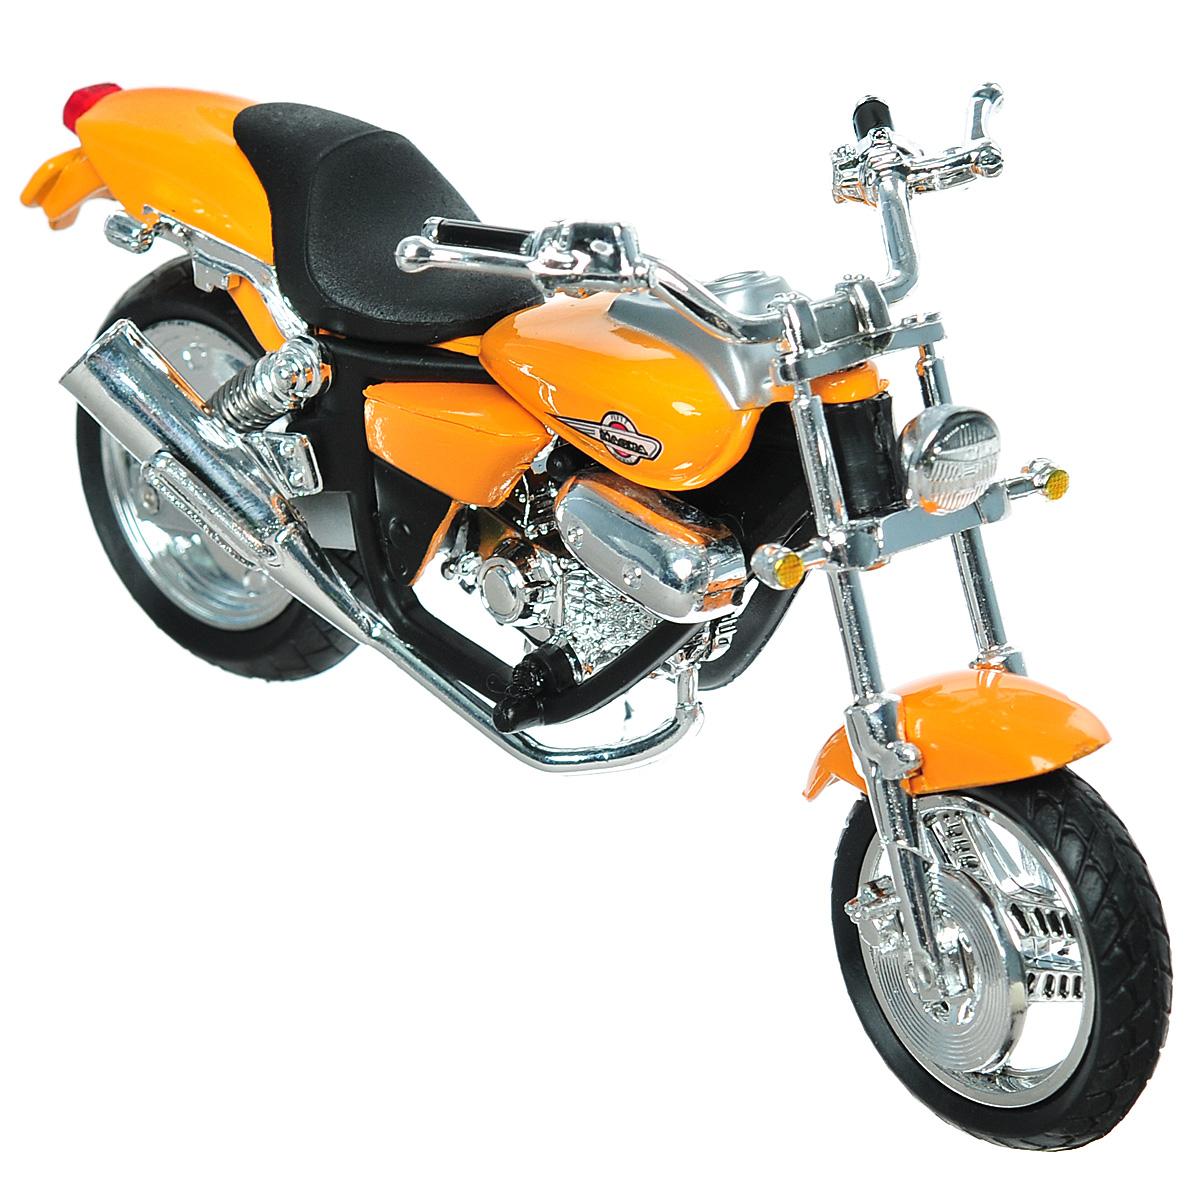 Autotime Коллекционная модель мотоцикла Honda Magna, цвет: оранжевый. Масштаб 1/18 autotime коллекционная модель автомобиля saleen s7 цвет оранжевый масштаб 1 18